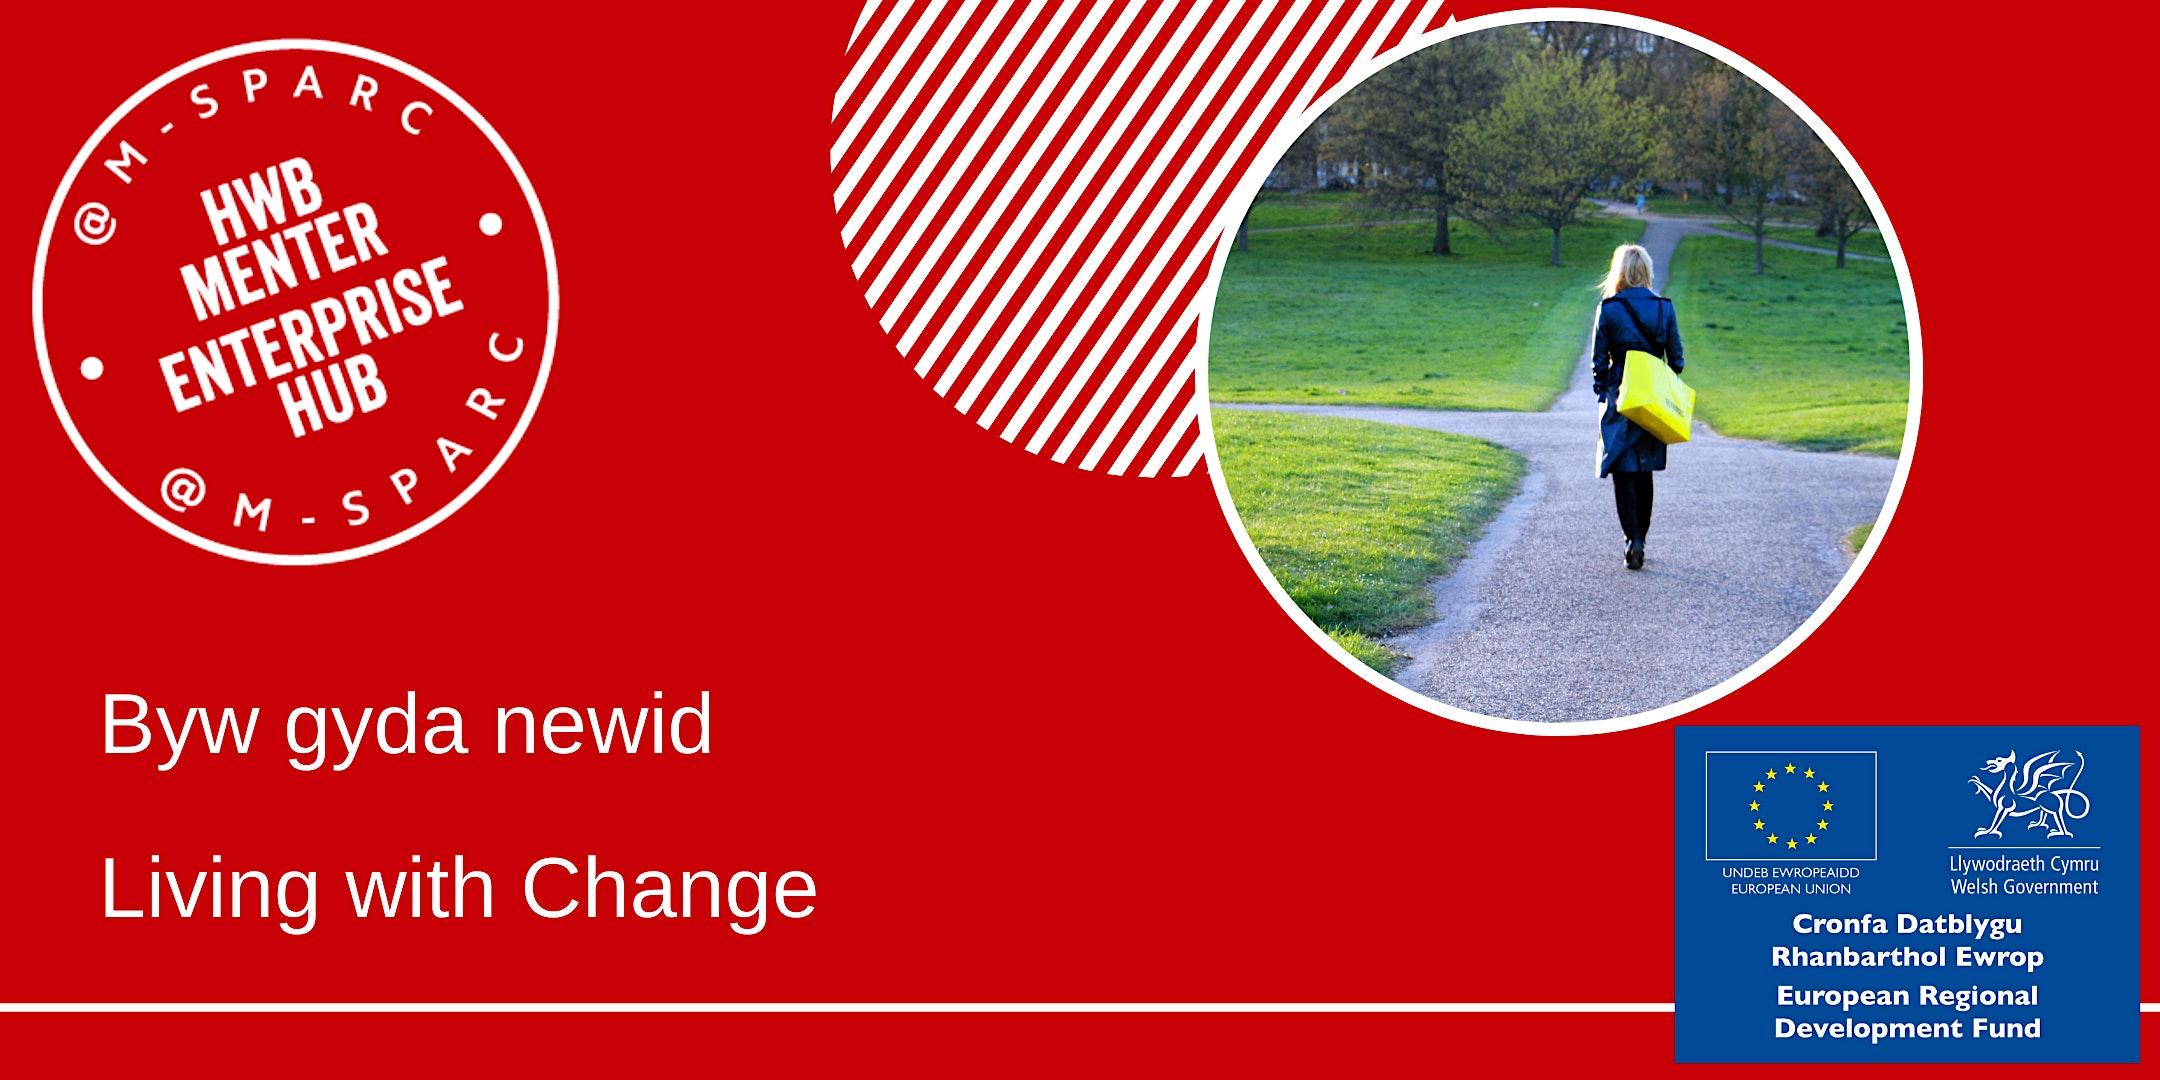 Byw gyda newid - Living with Change